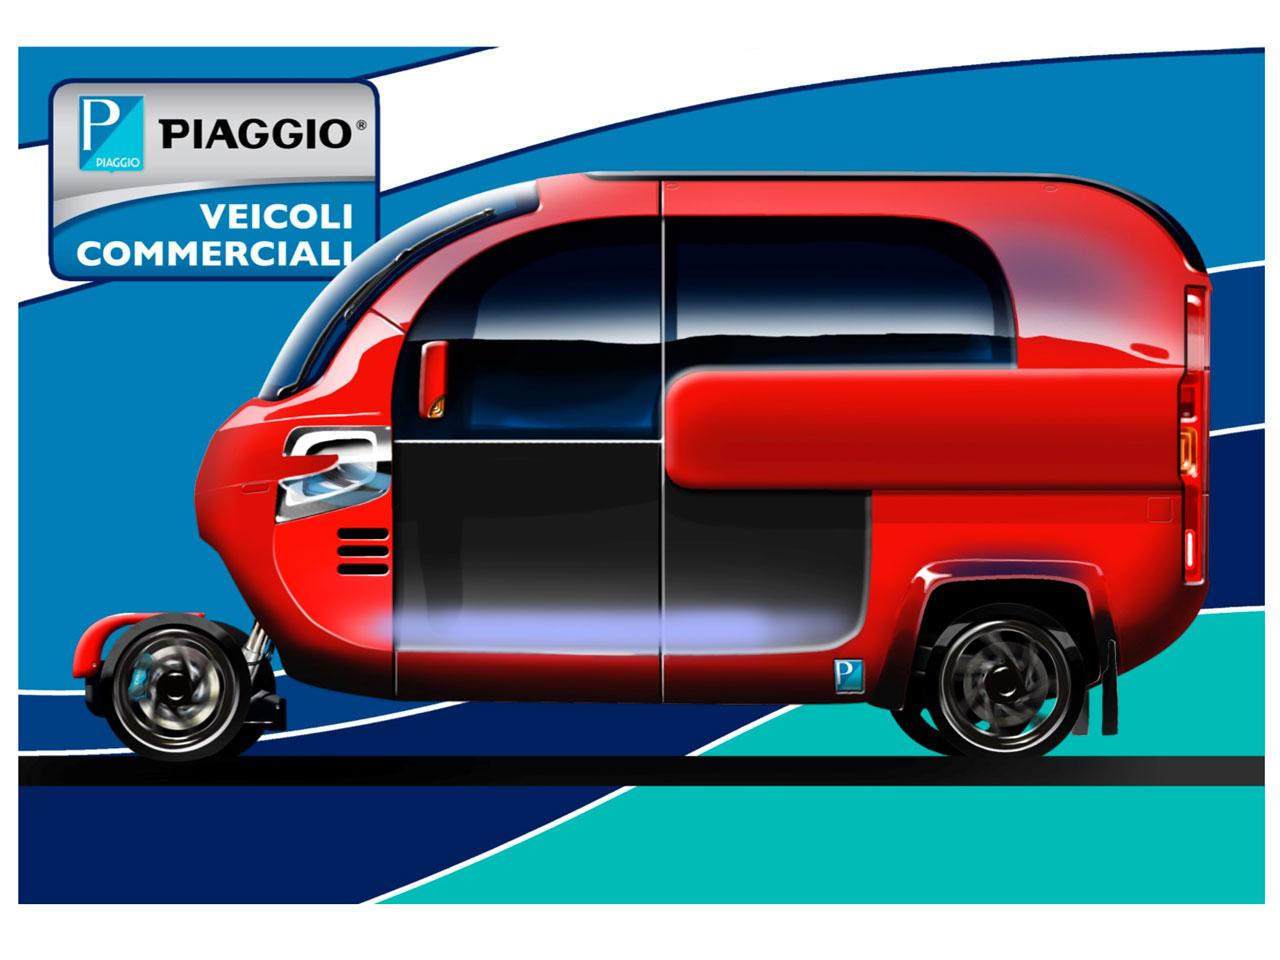 Piaggio New Ape Concept Rendering Car Body Design